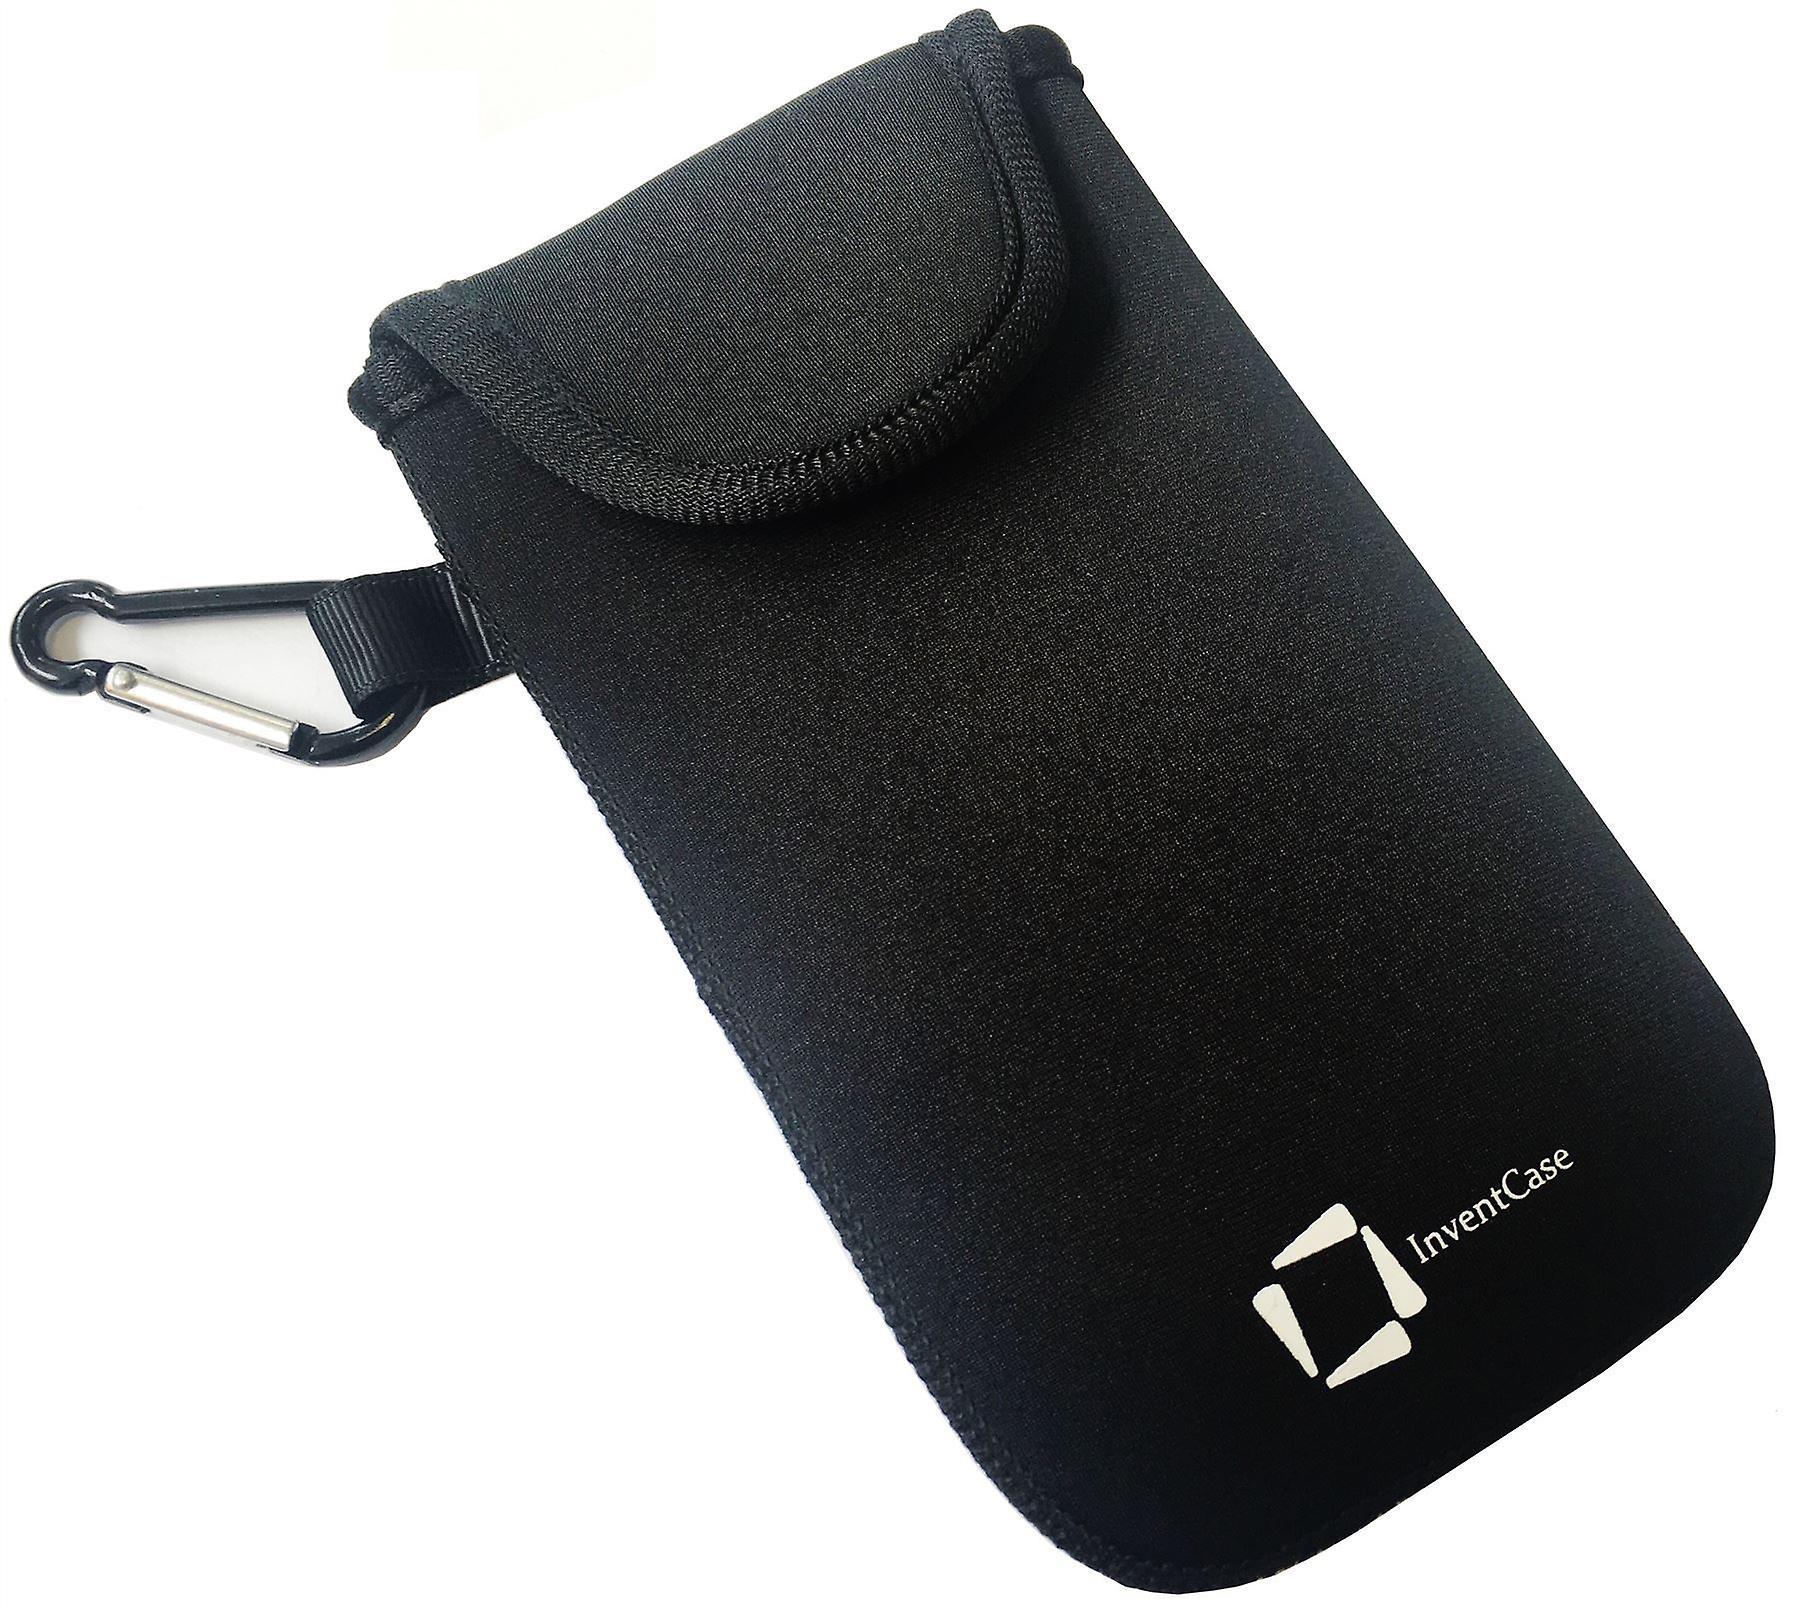 حقيبة تغطية القضية الحقيبة واقية مقاومة لتأثير النيوبرين إينفينتكاسي مع إغلاق Velcro و Carabiner الألومنيوم لهتك واحد X9-أسود